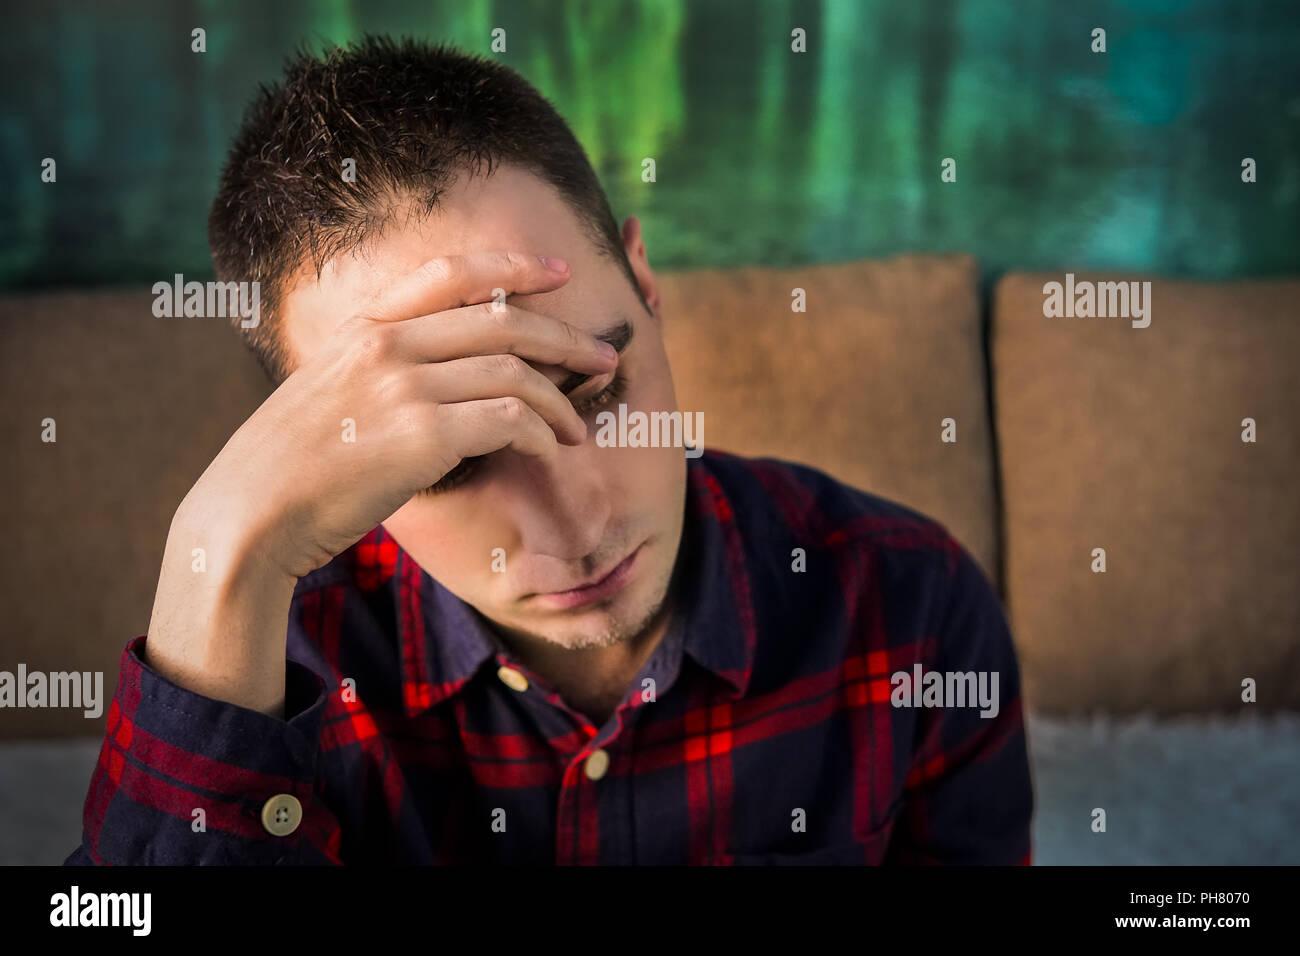 Portrait de jeune homme en colère triste. La couvaison homme assis et tenant une main sur sa tête. Dans une mauvaise humeur. dépression. maux de tête, douleur de tête Photo Stock